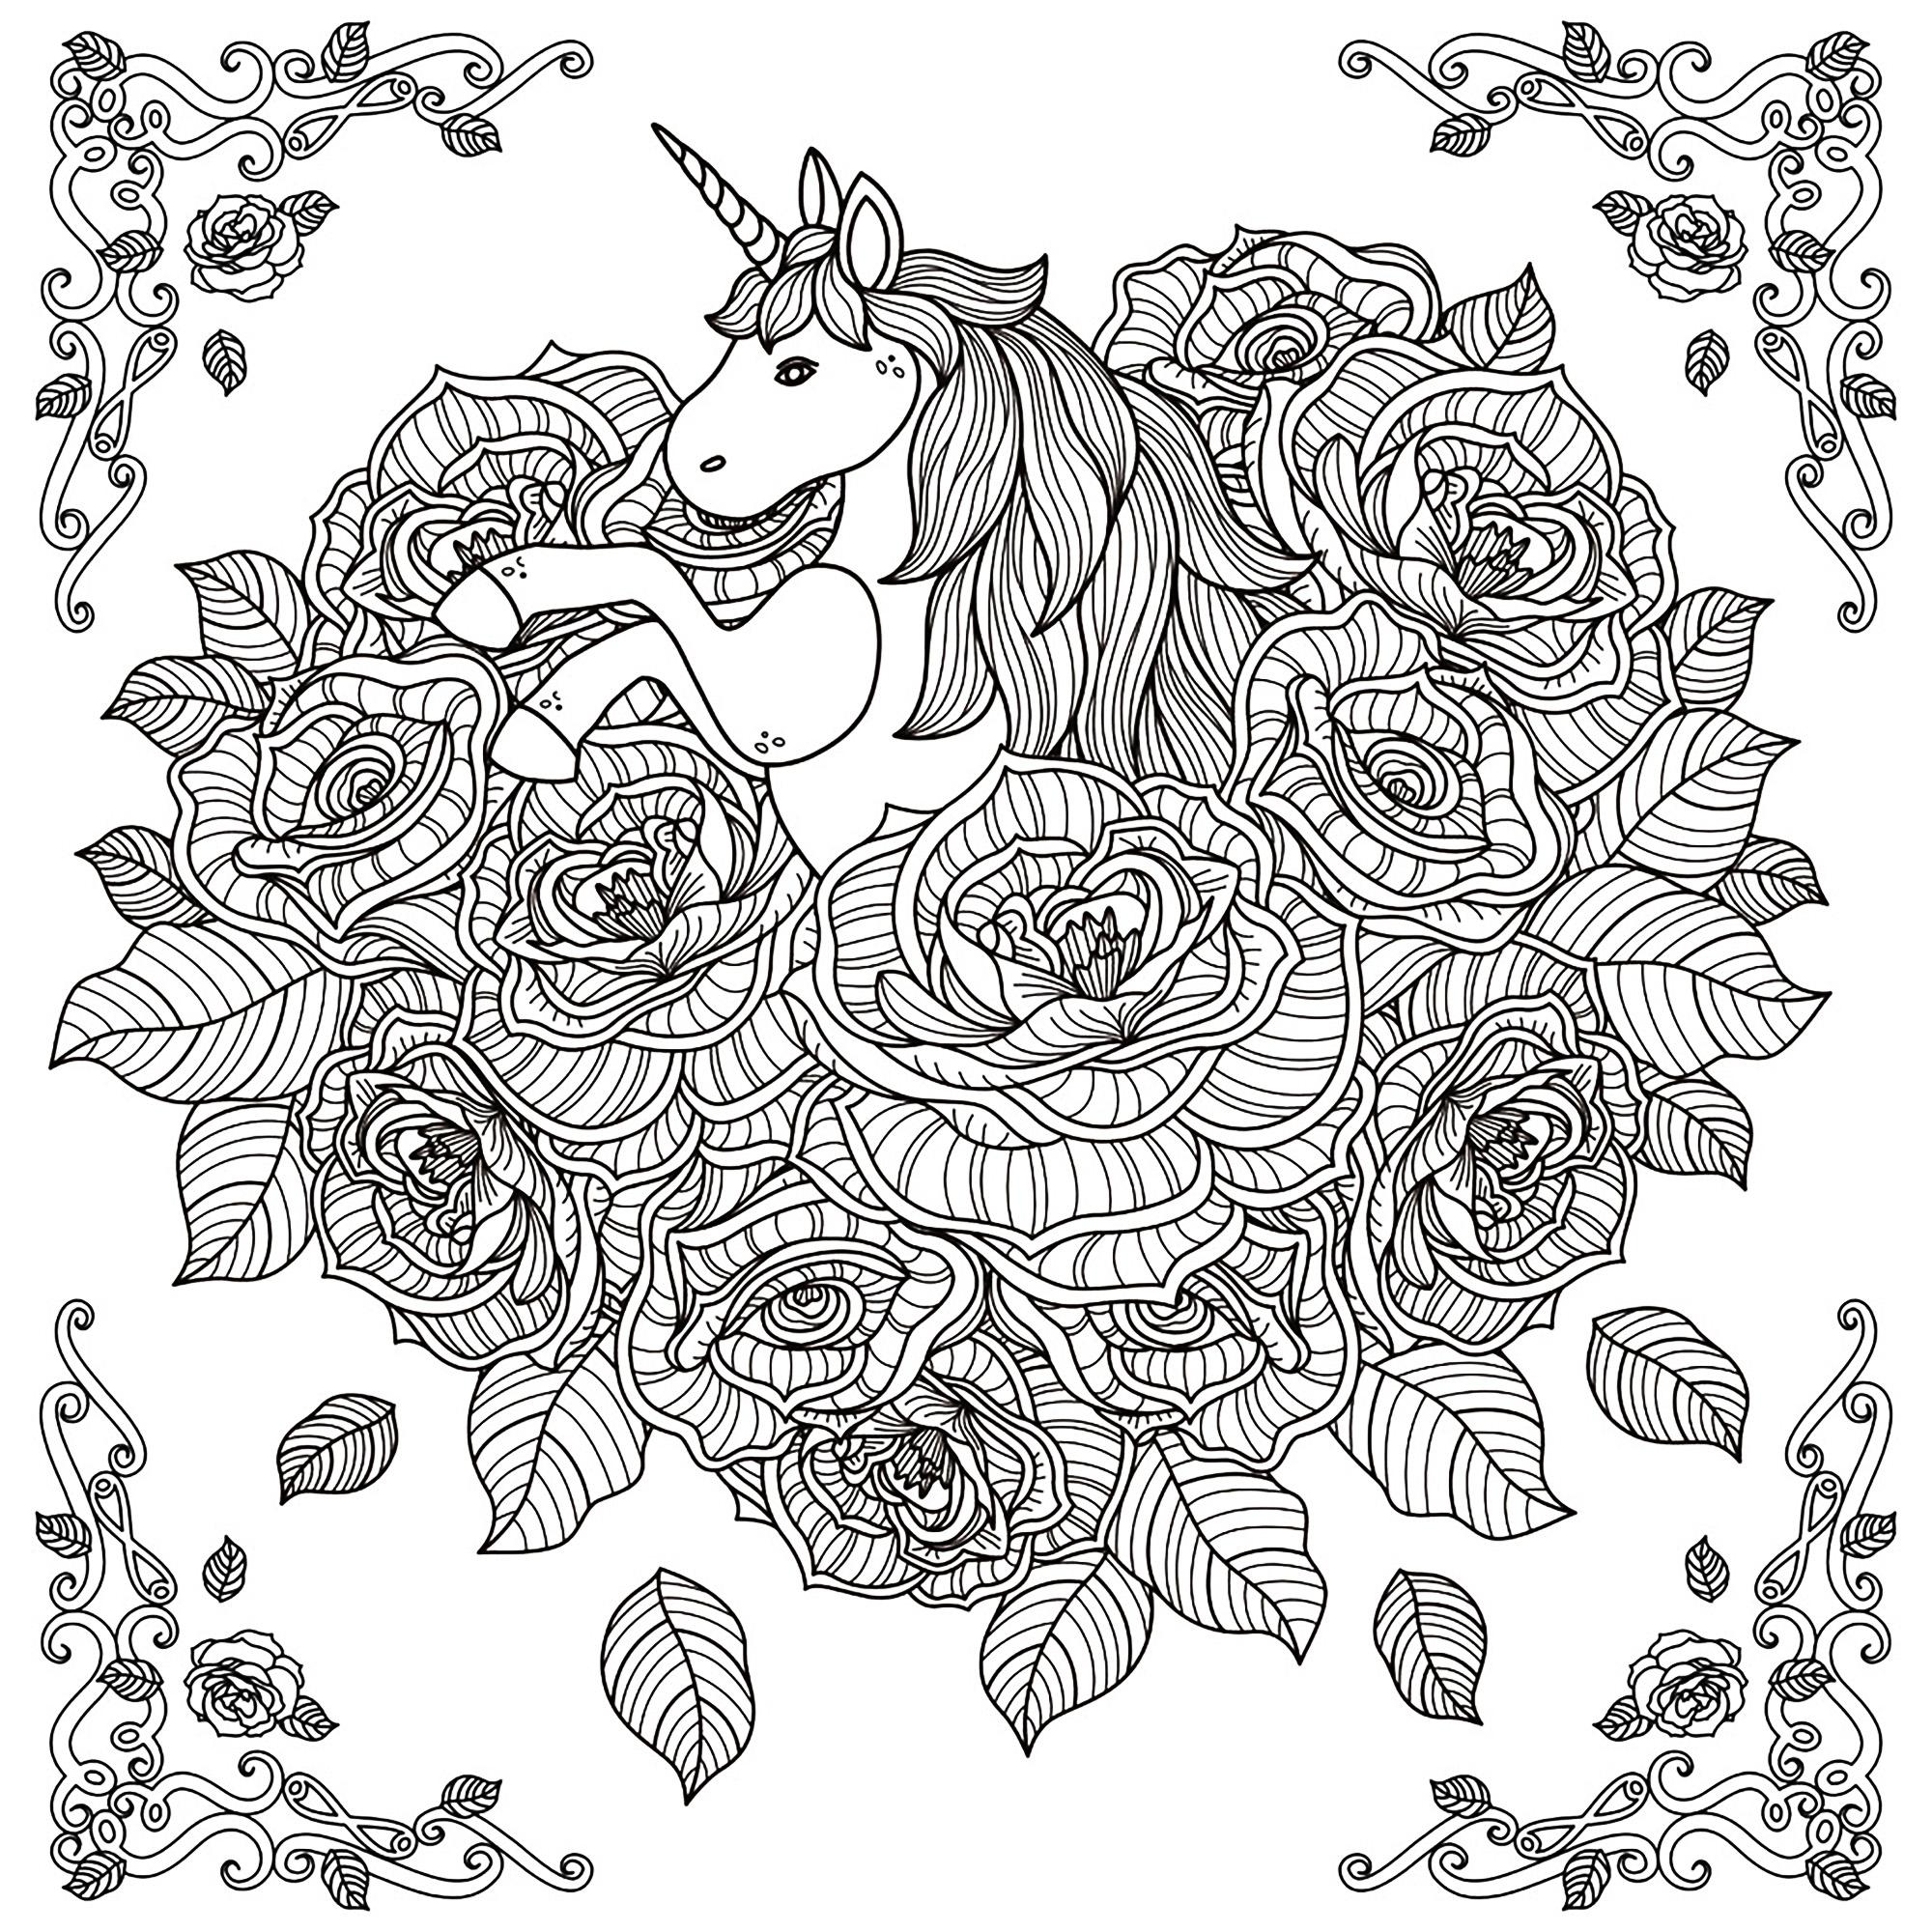 Unicorni 39147 unicorni disegni da colorare per adulti - Pagine da colorare unicorni ...